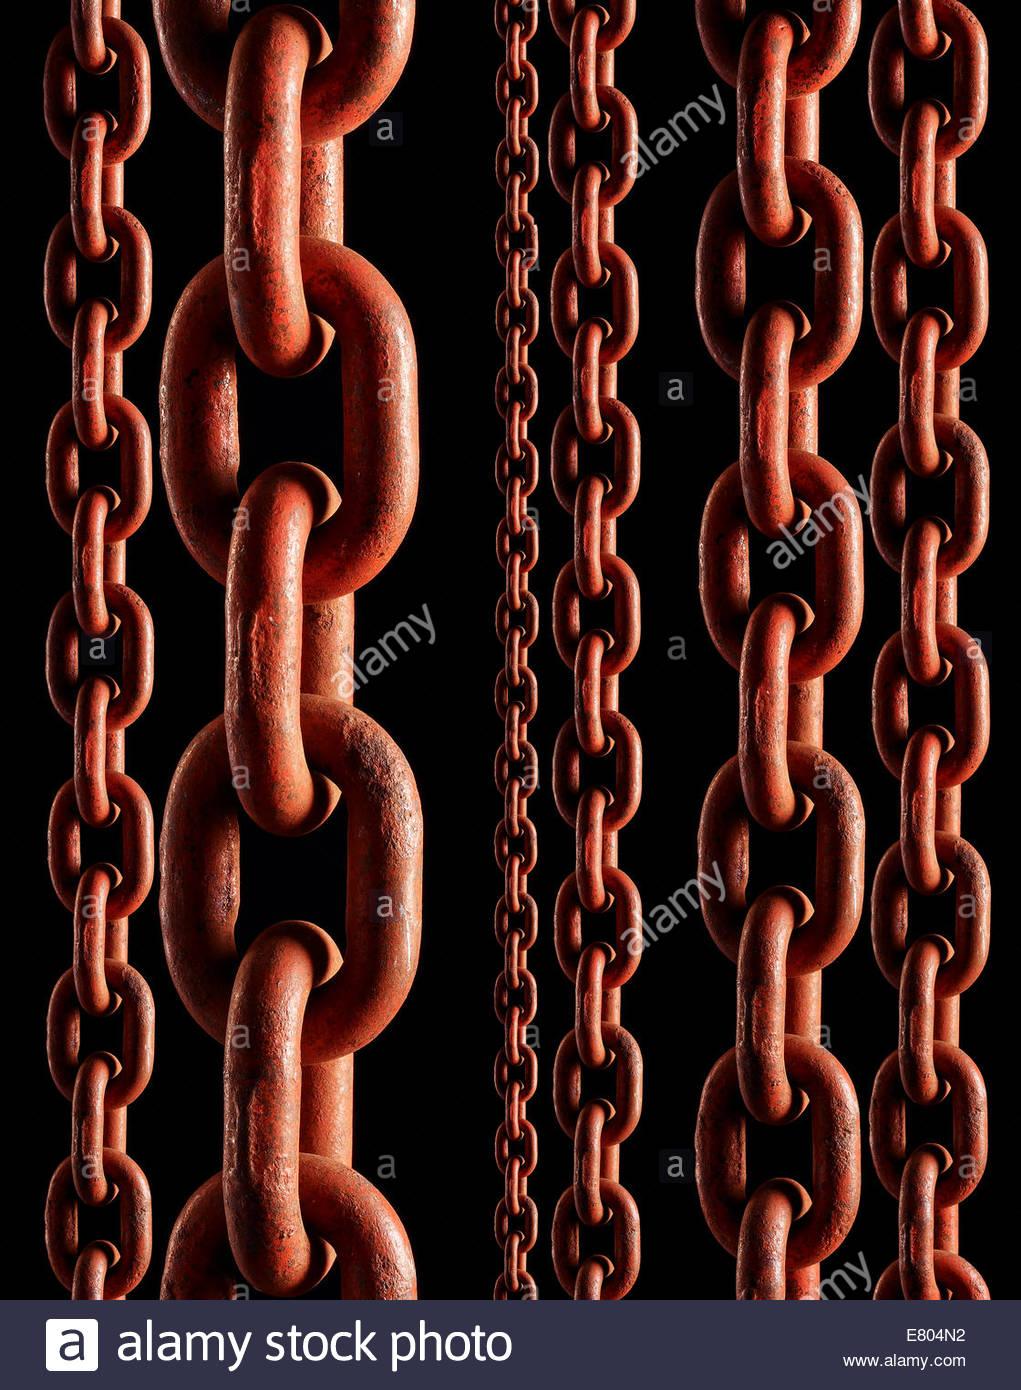 Rojo fuerza pesada cadena INDUSTRIAL Imagen De Stock